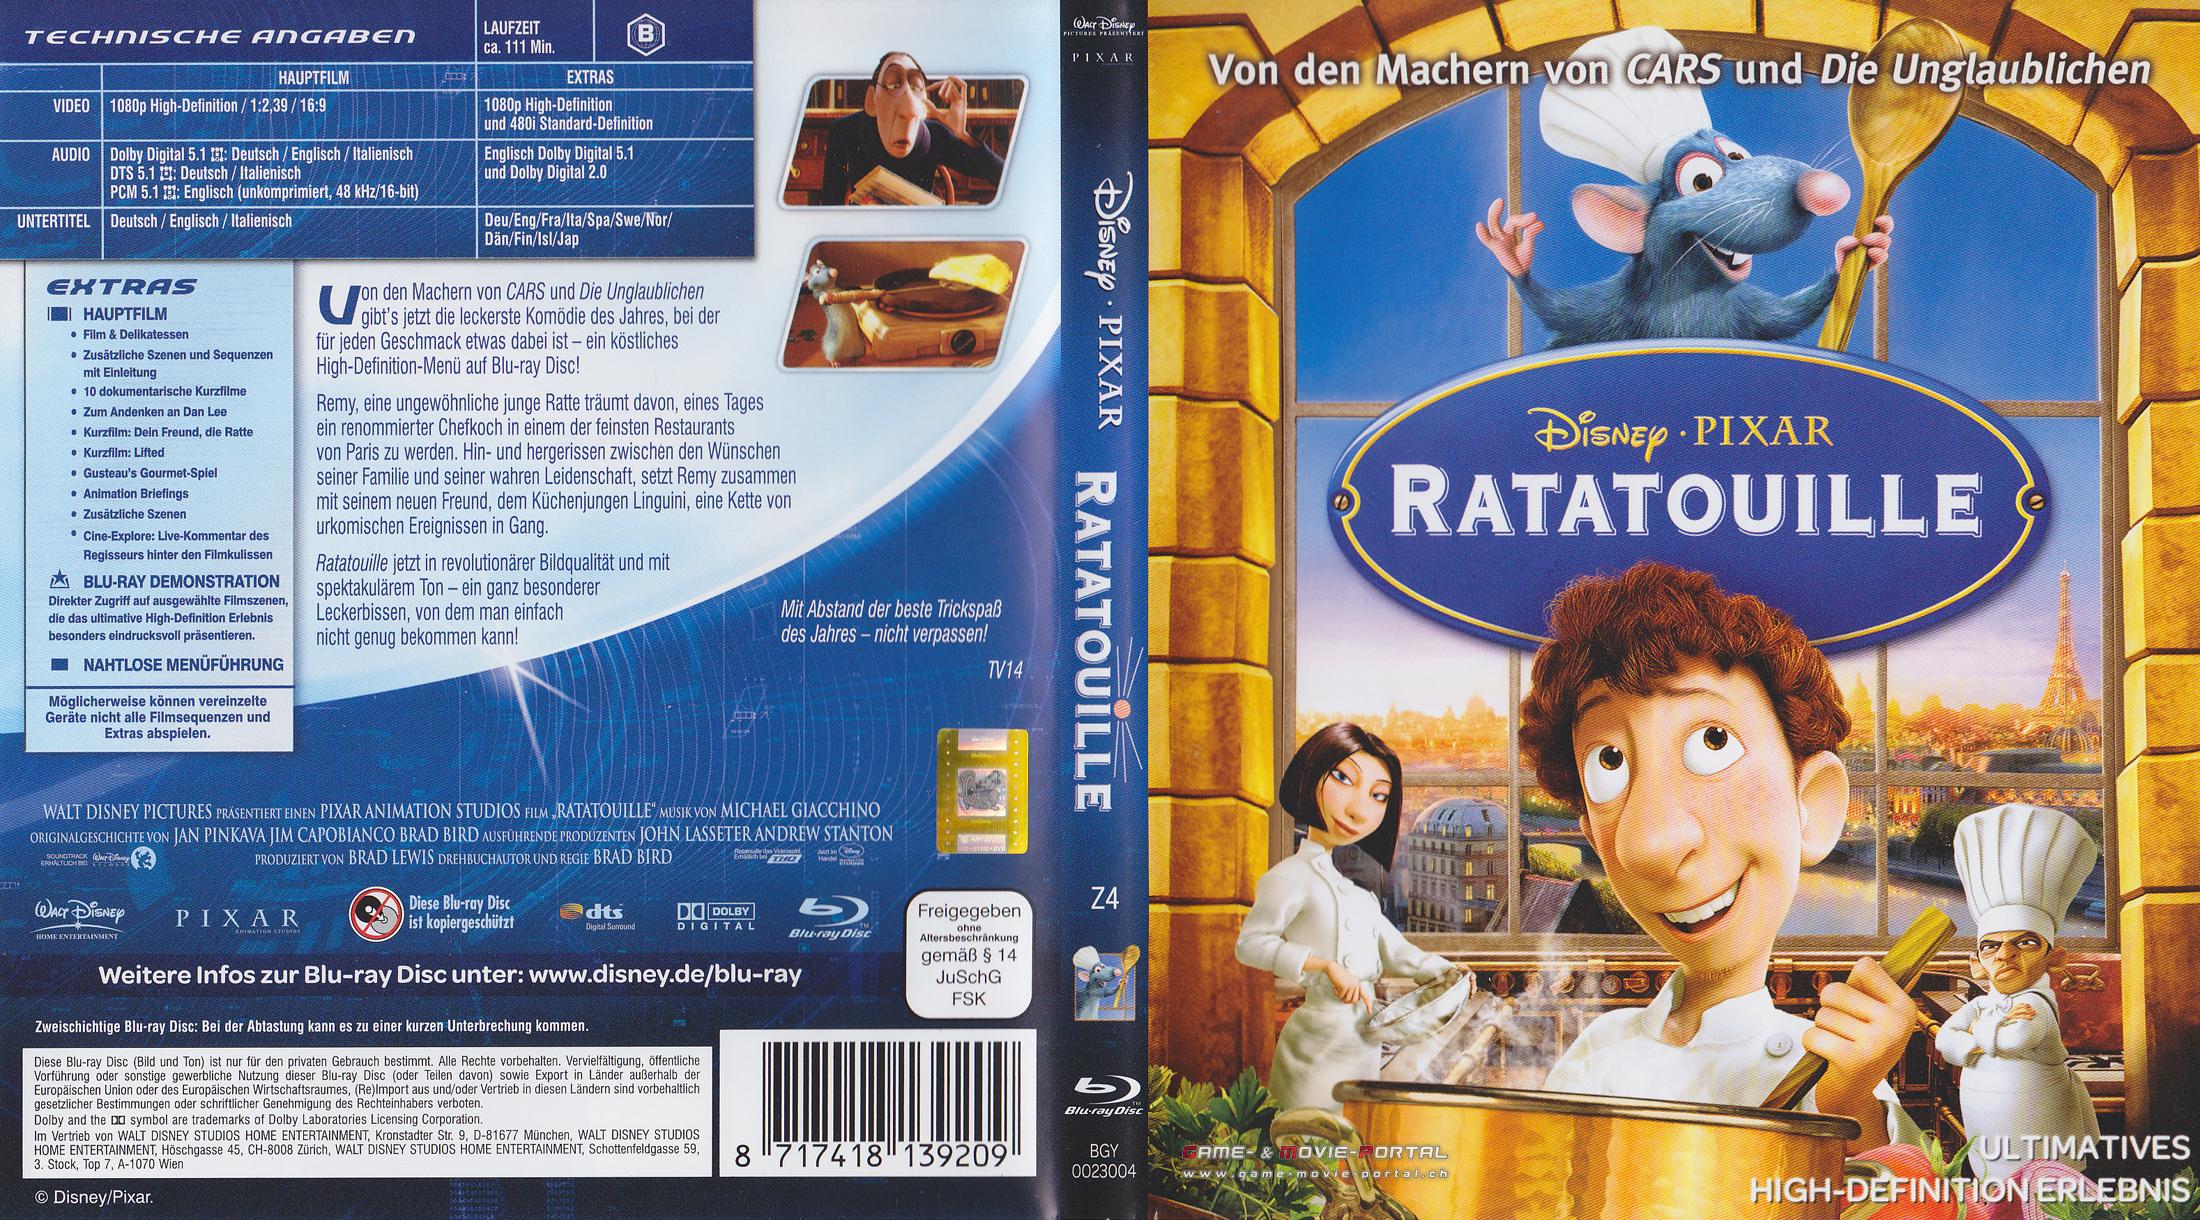 Ratatouille dvd cover download